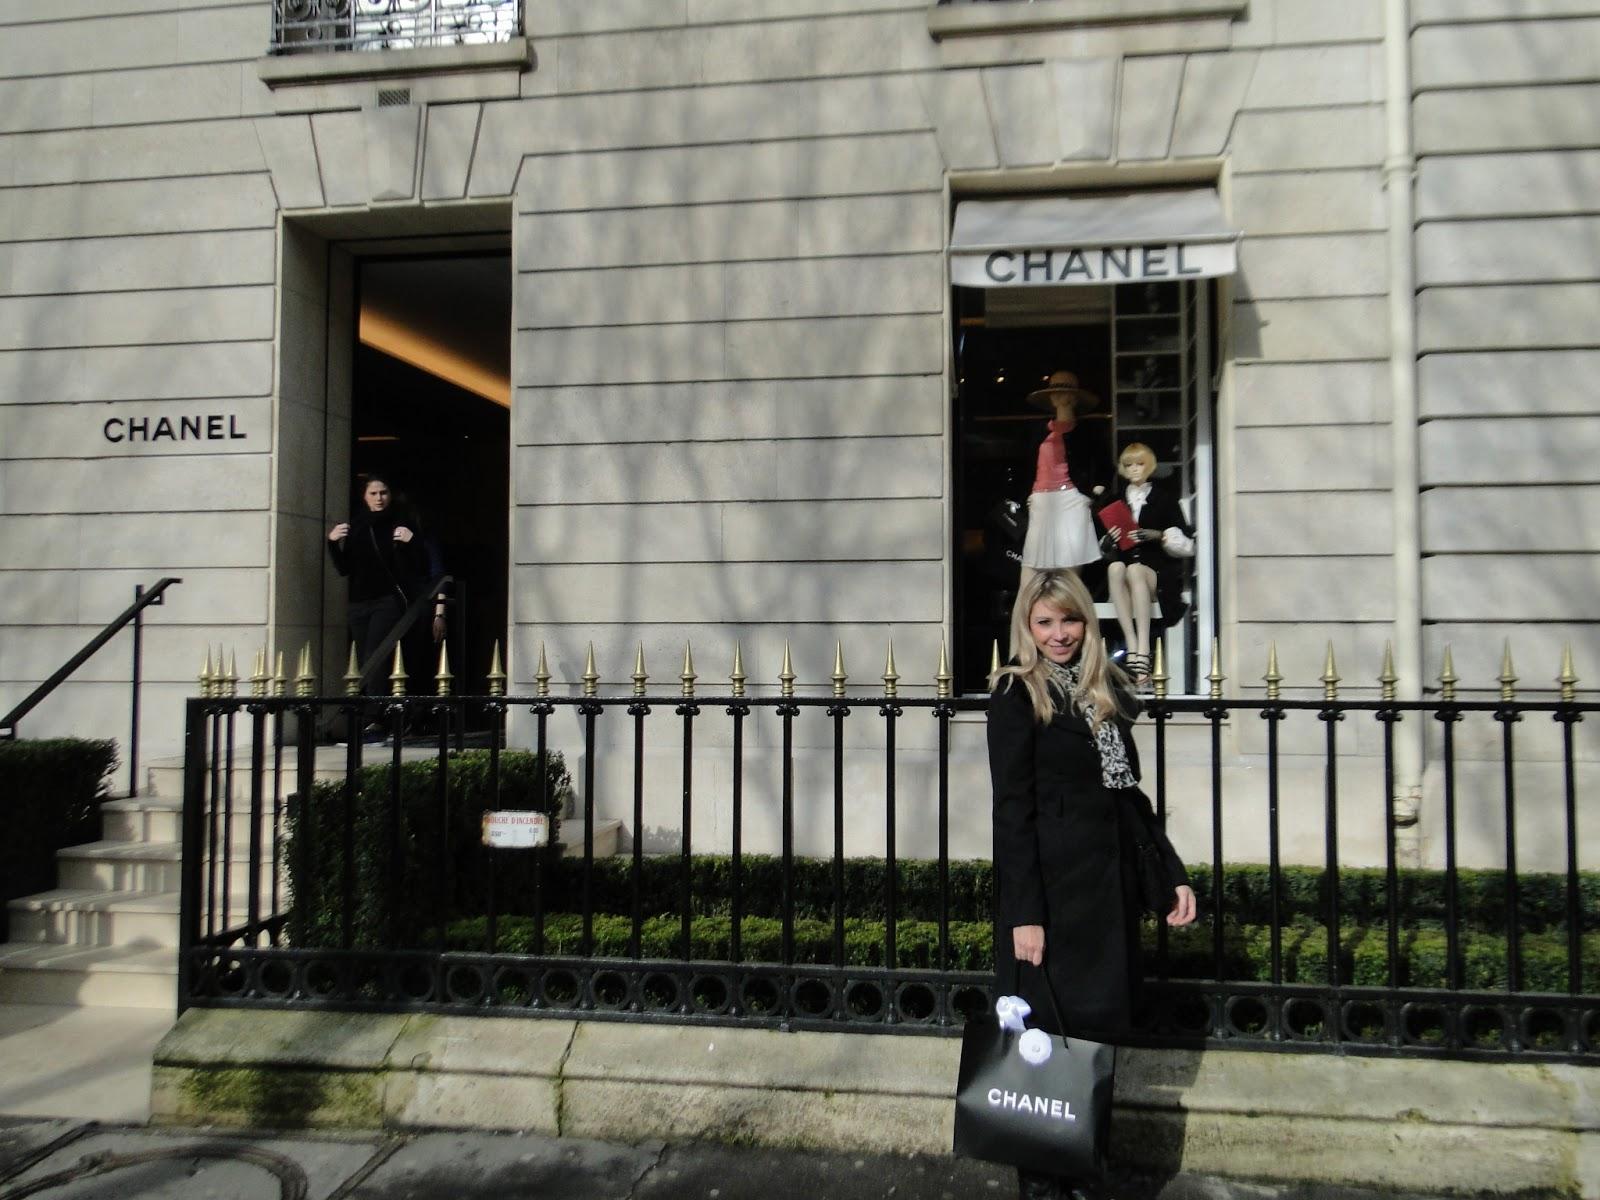 376e08a53 Compre a Chanel na Av. Montaigne, uma avenida chiquérrima, só com grifes  incríveis (depois vou fazer um post só com as vitrines desta rua!)...e  fiquei feliz ...